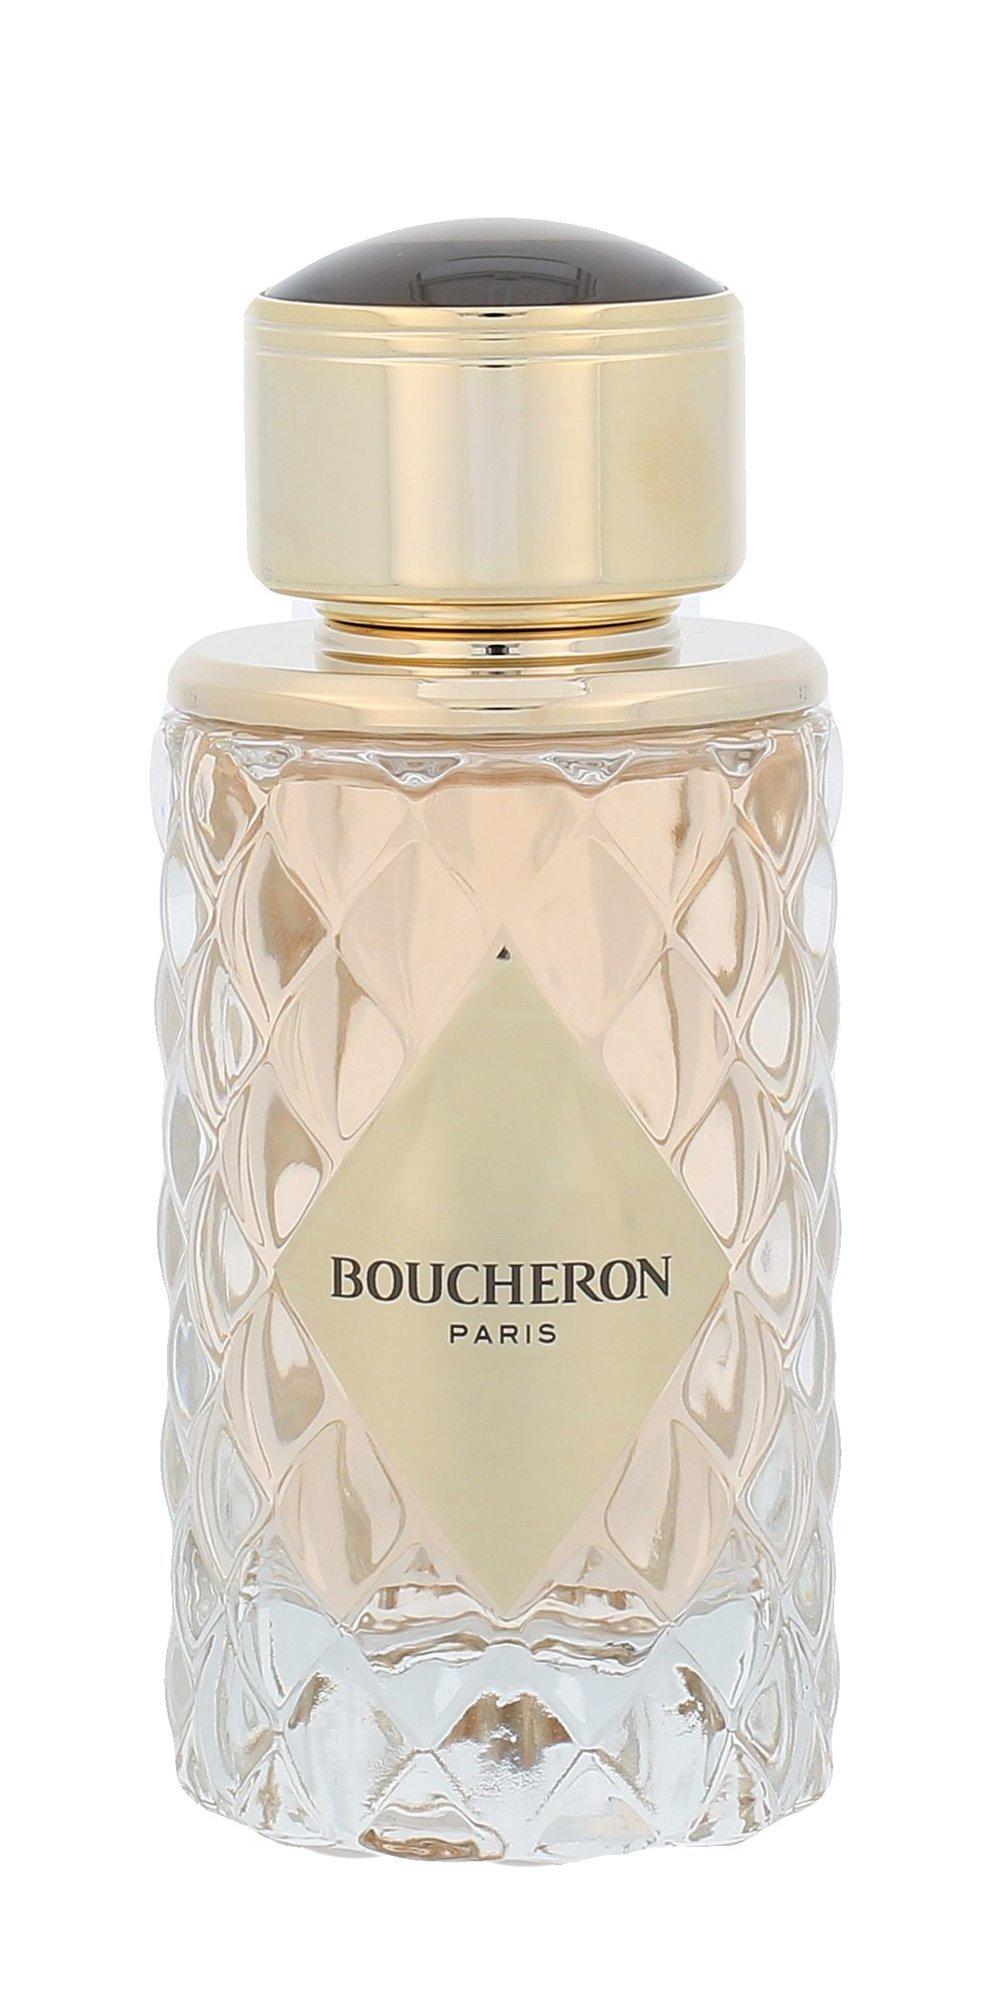 Boucheron Place Vendome Eau de Parfum 50ml